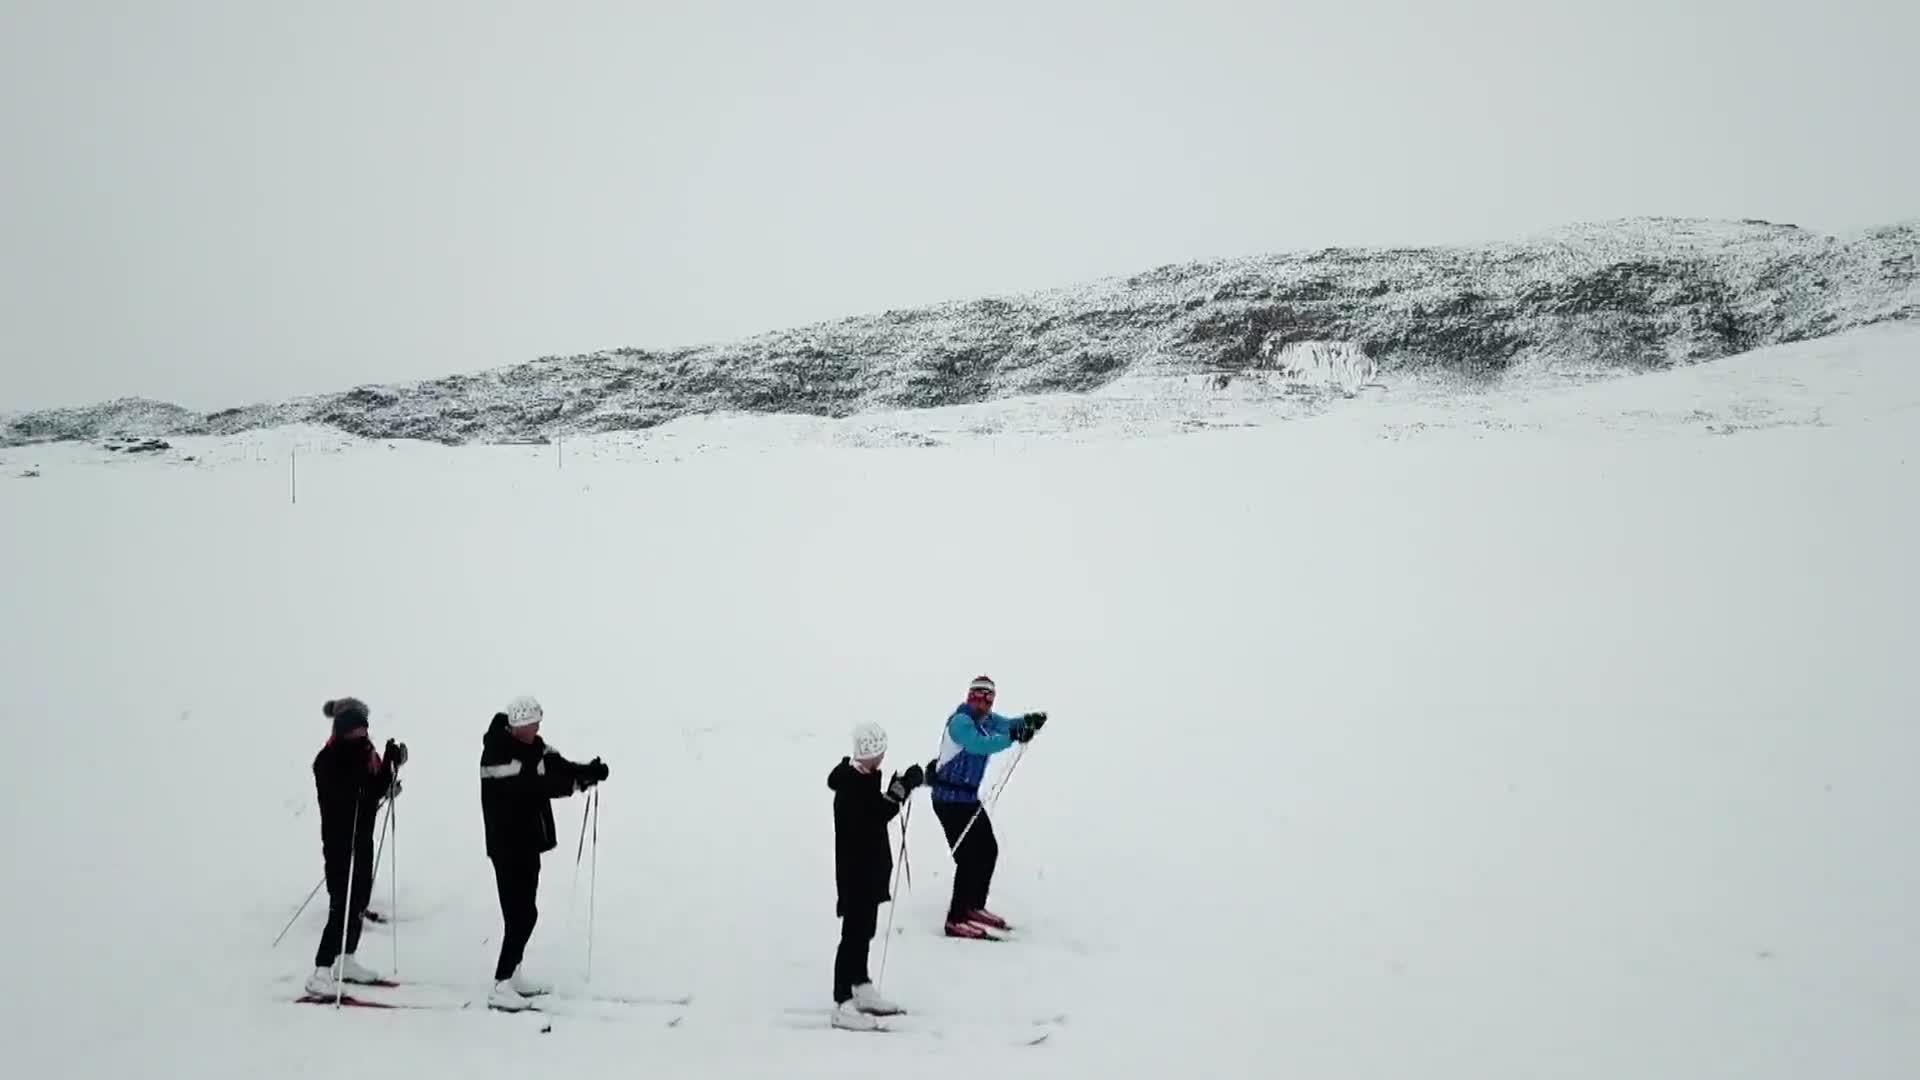 Anciano en la nieve promueve el esquí de fondo en el noroeste de China